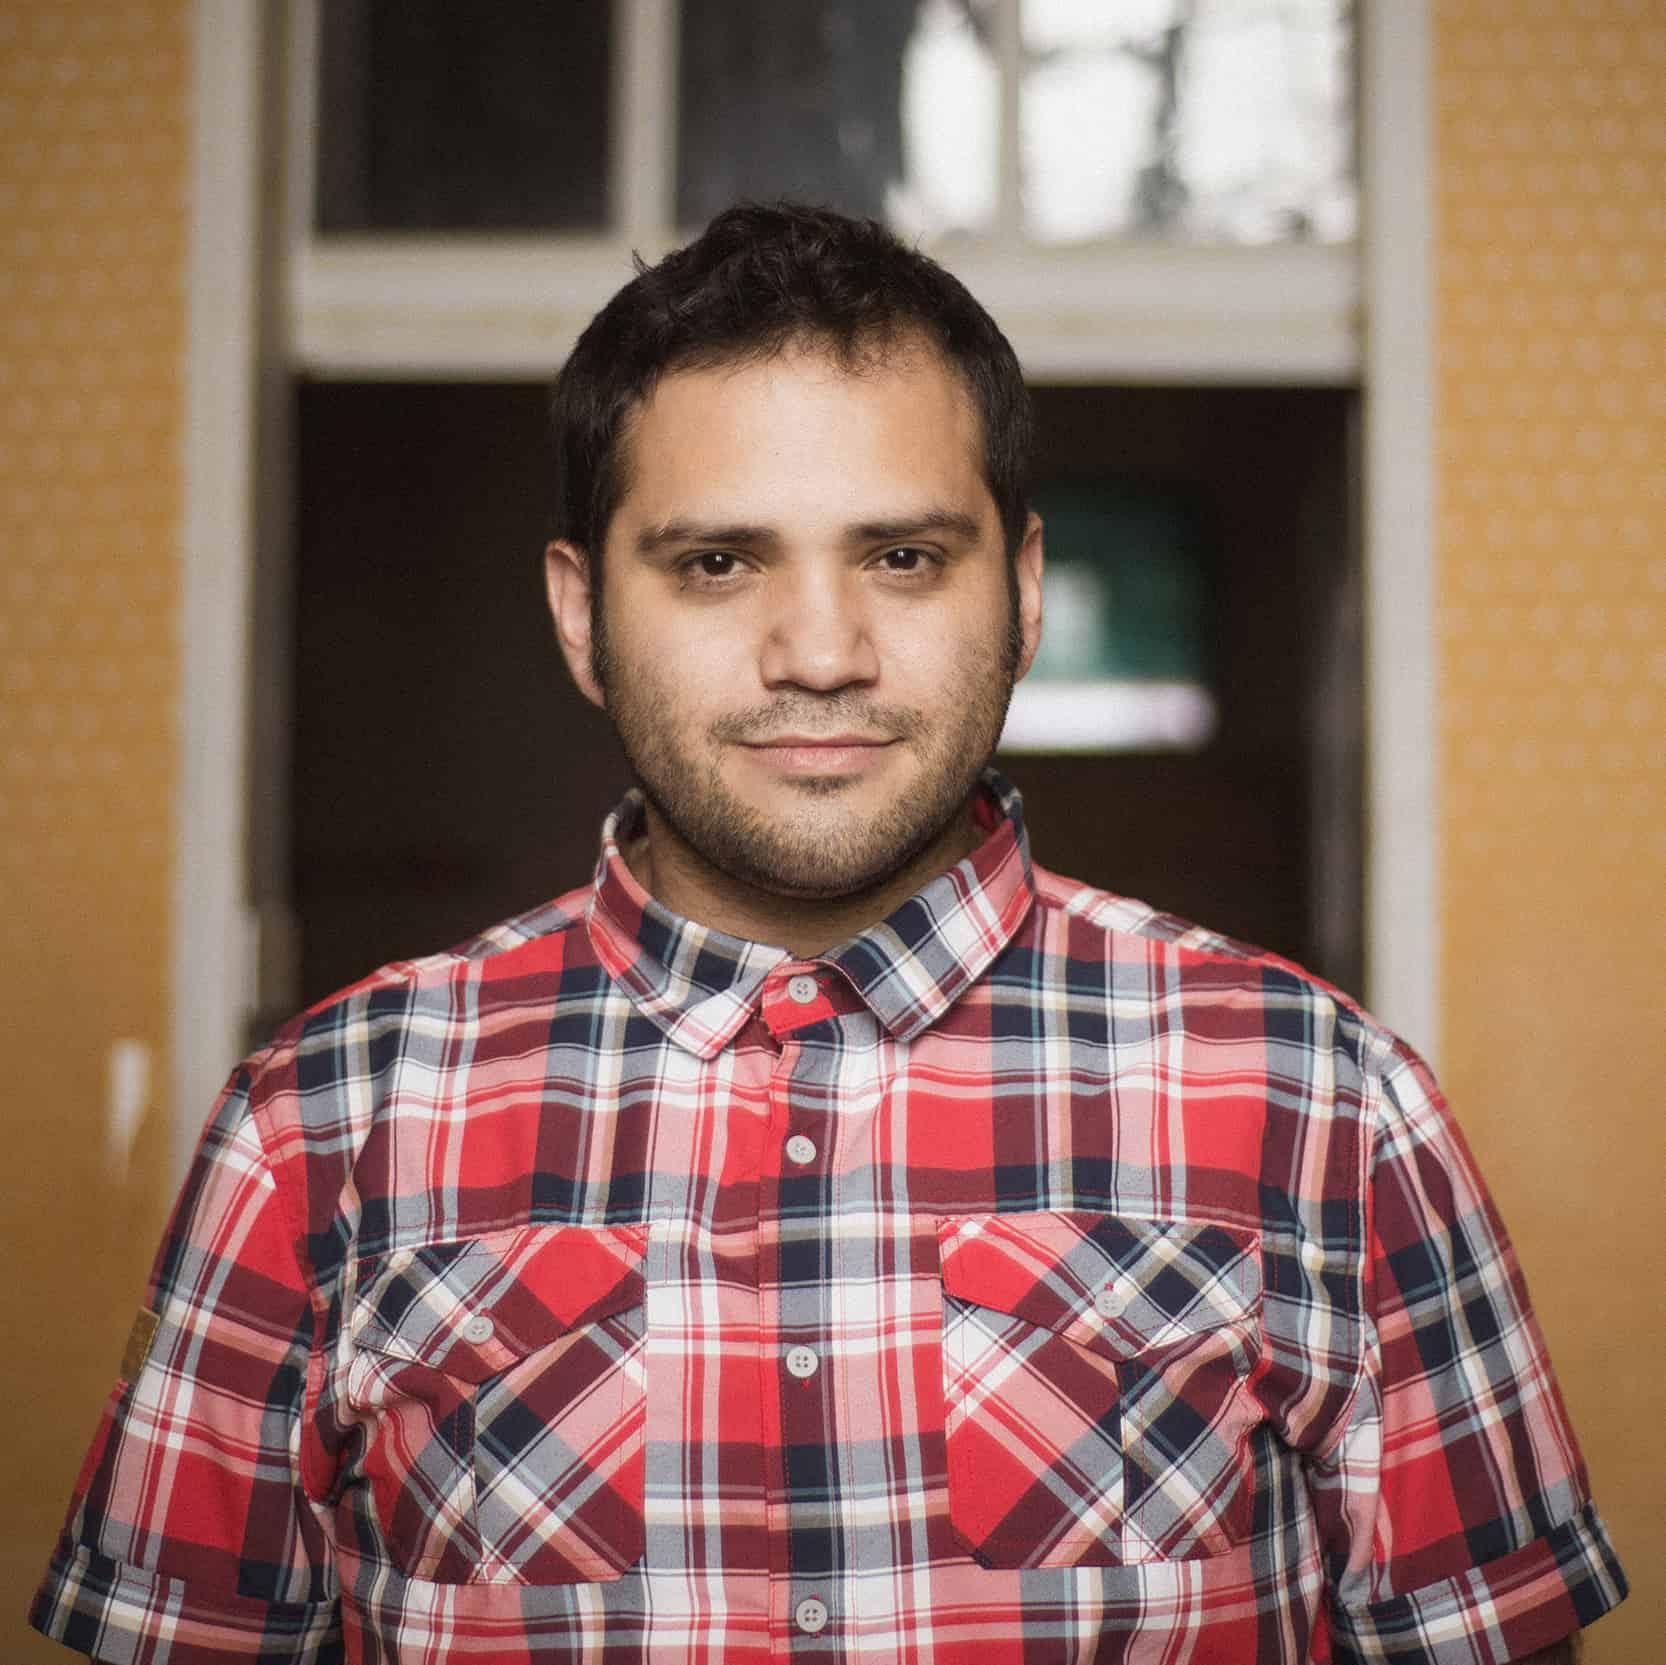 Guiza Rojas Gilberto Profil Diaph8